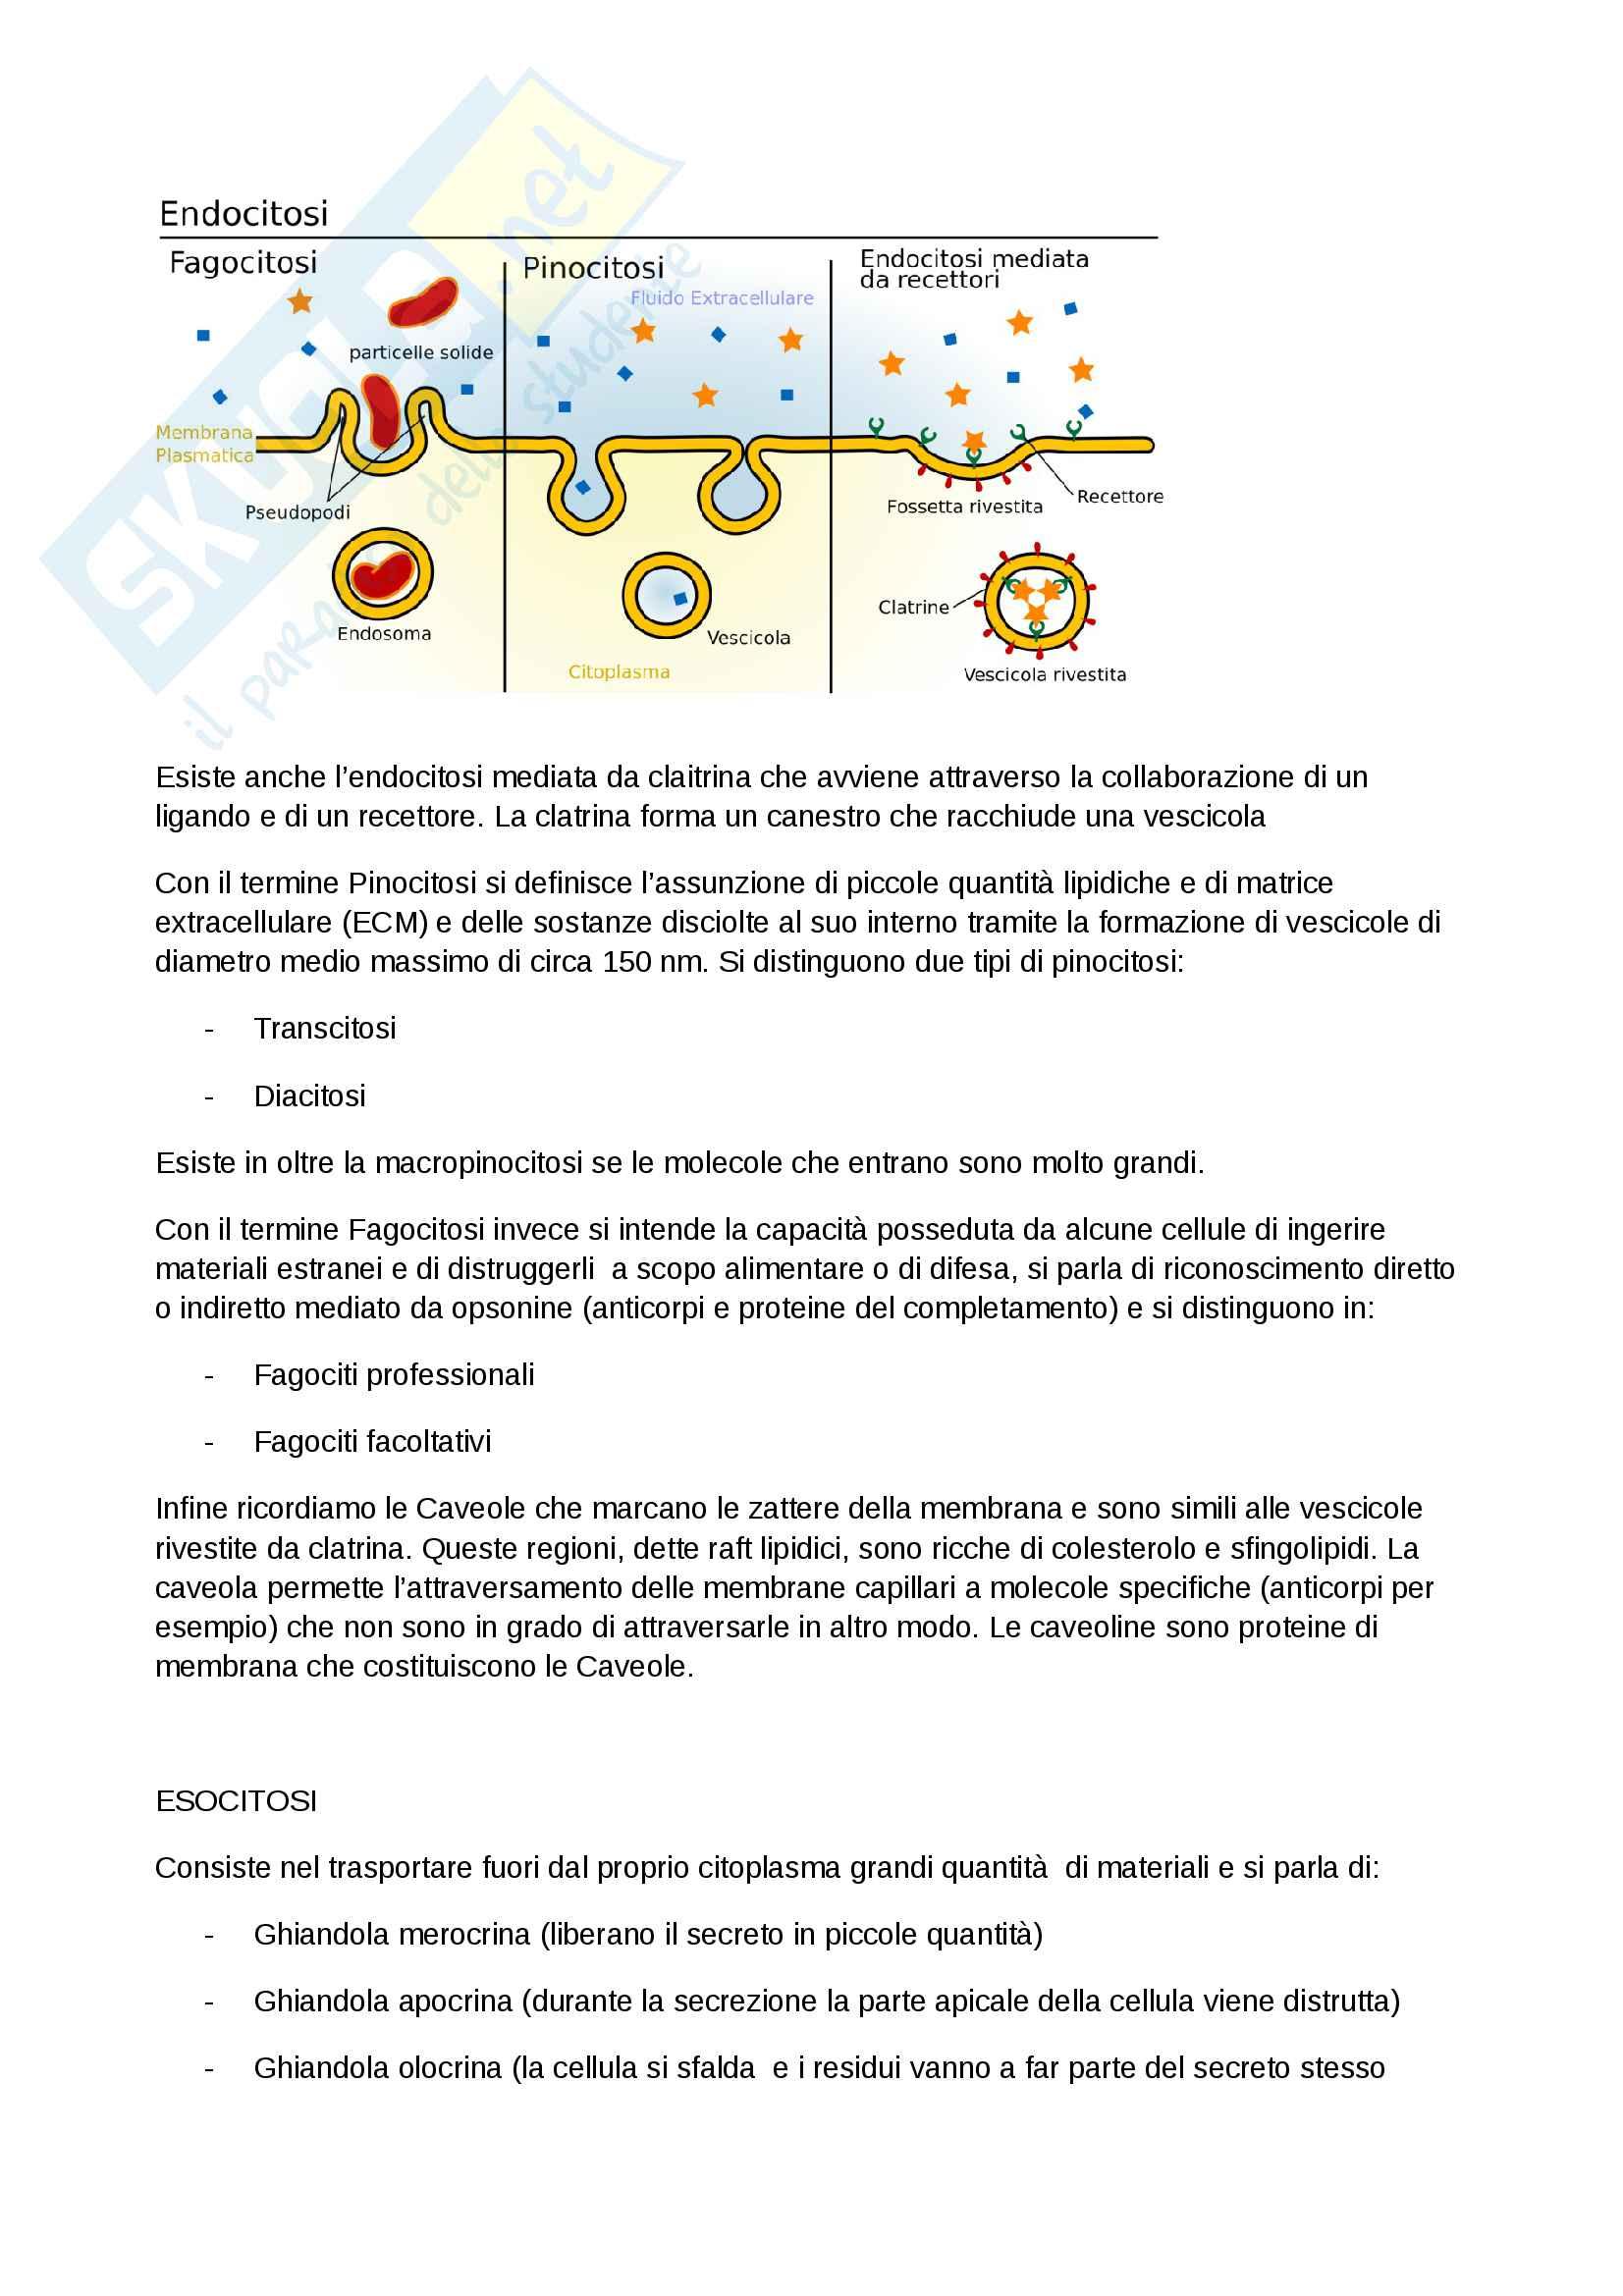 Riassunti di citologia Pag. 16